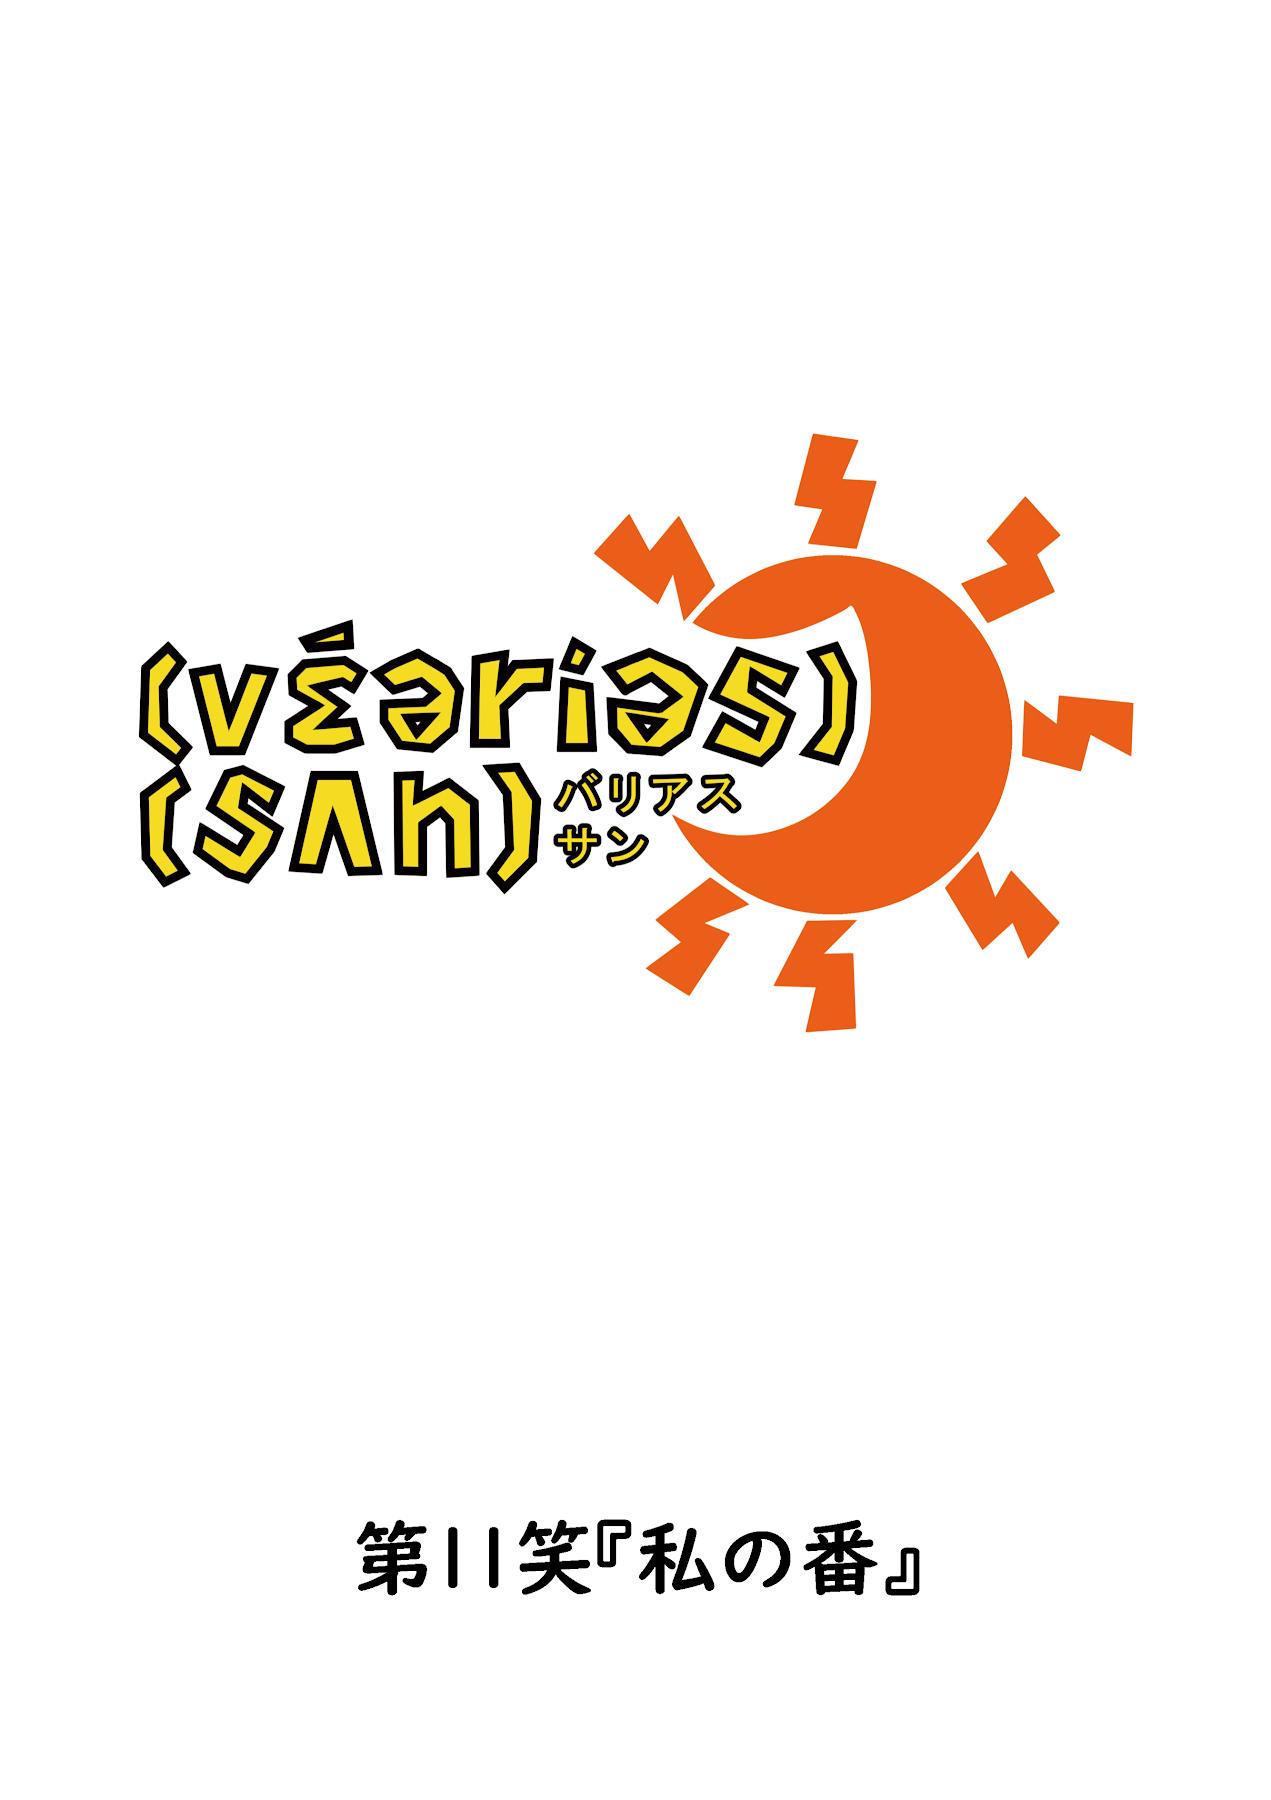 バリアス・サン11_01